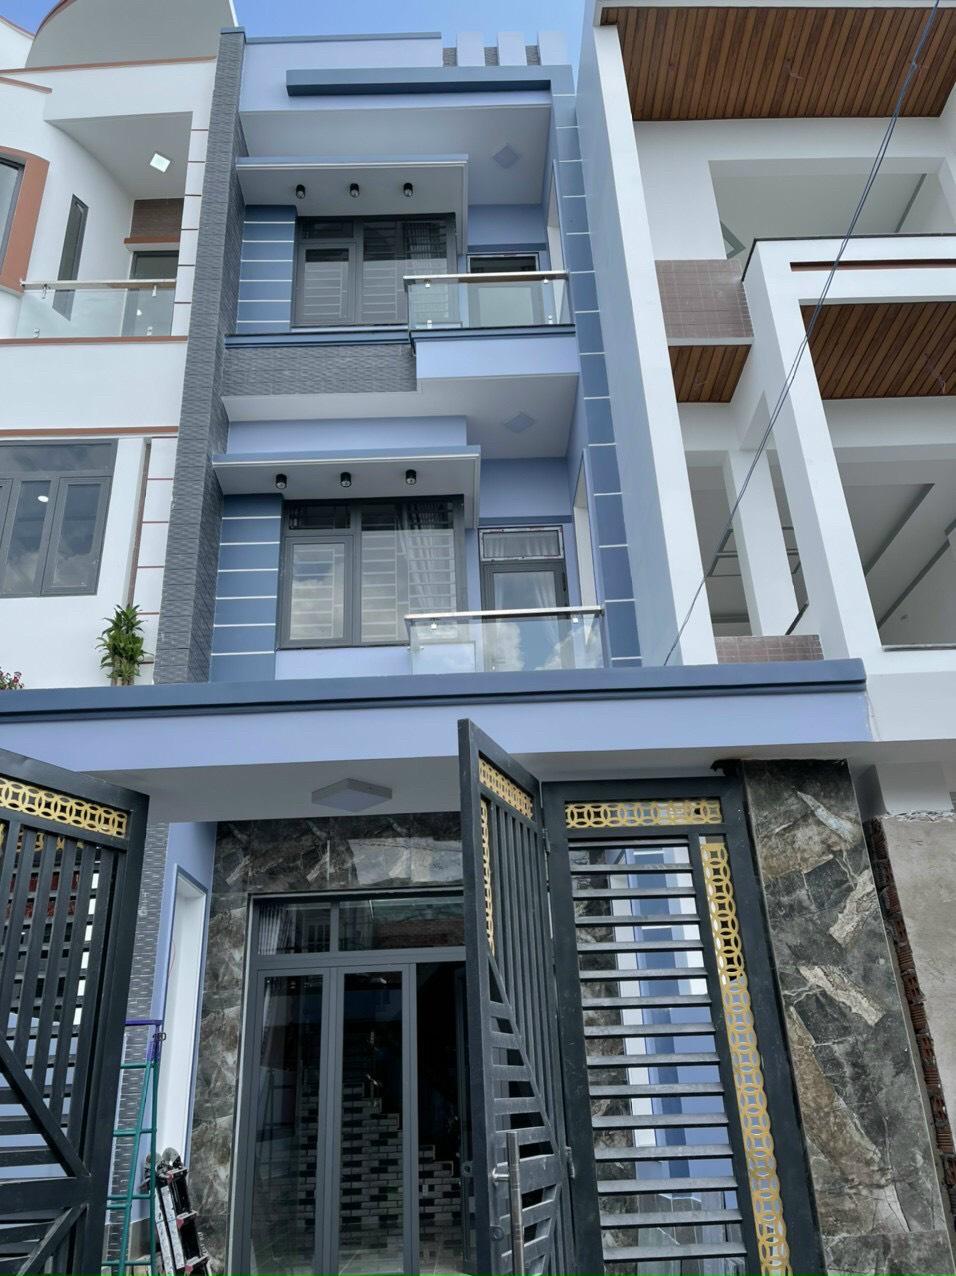 Bán nhà Dĩ An trệt hai lầu mới hoàn thiện gần chợ Dĩ An 1 sổ hồng riêng phường Tân Đông Hiệp, TP Dĩ An